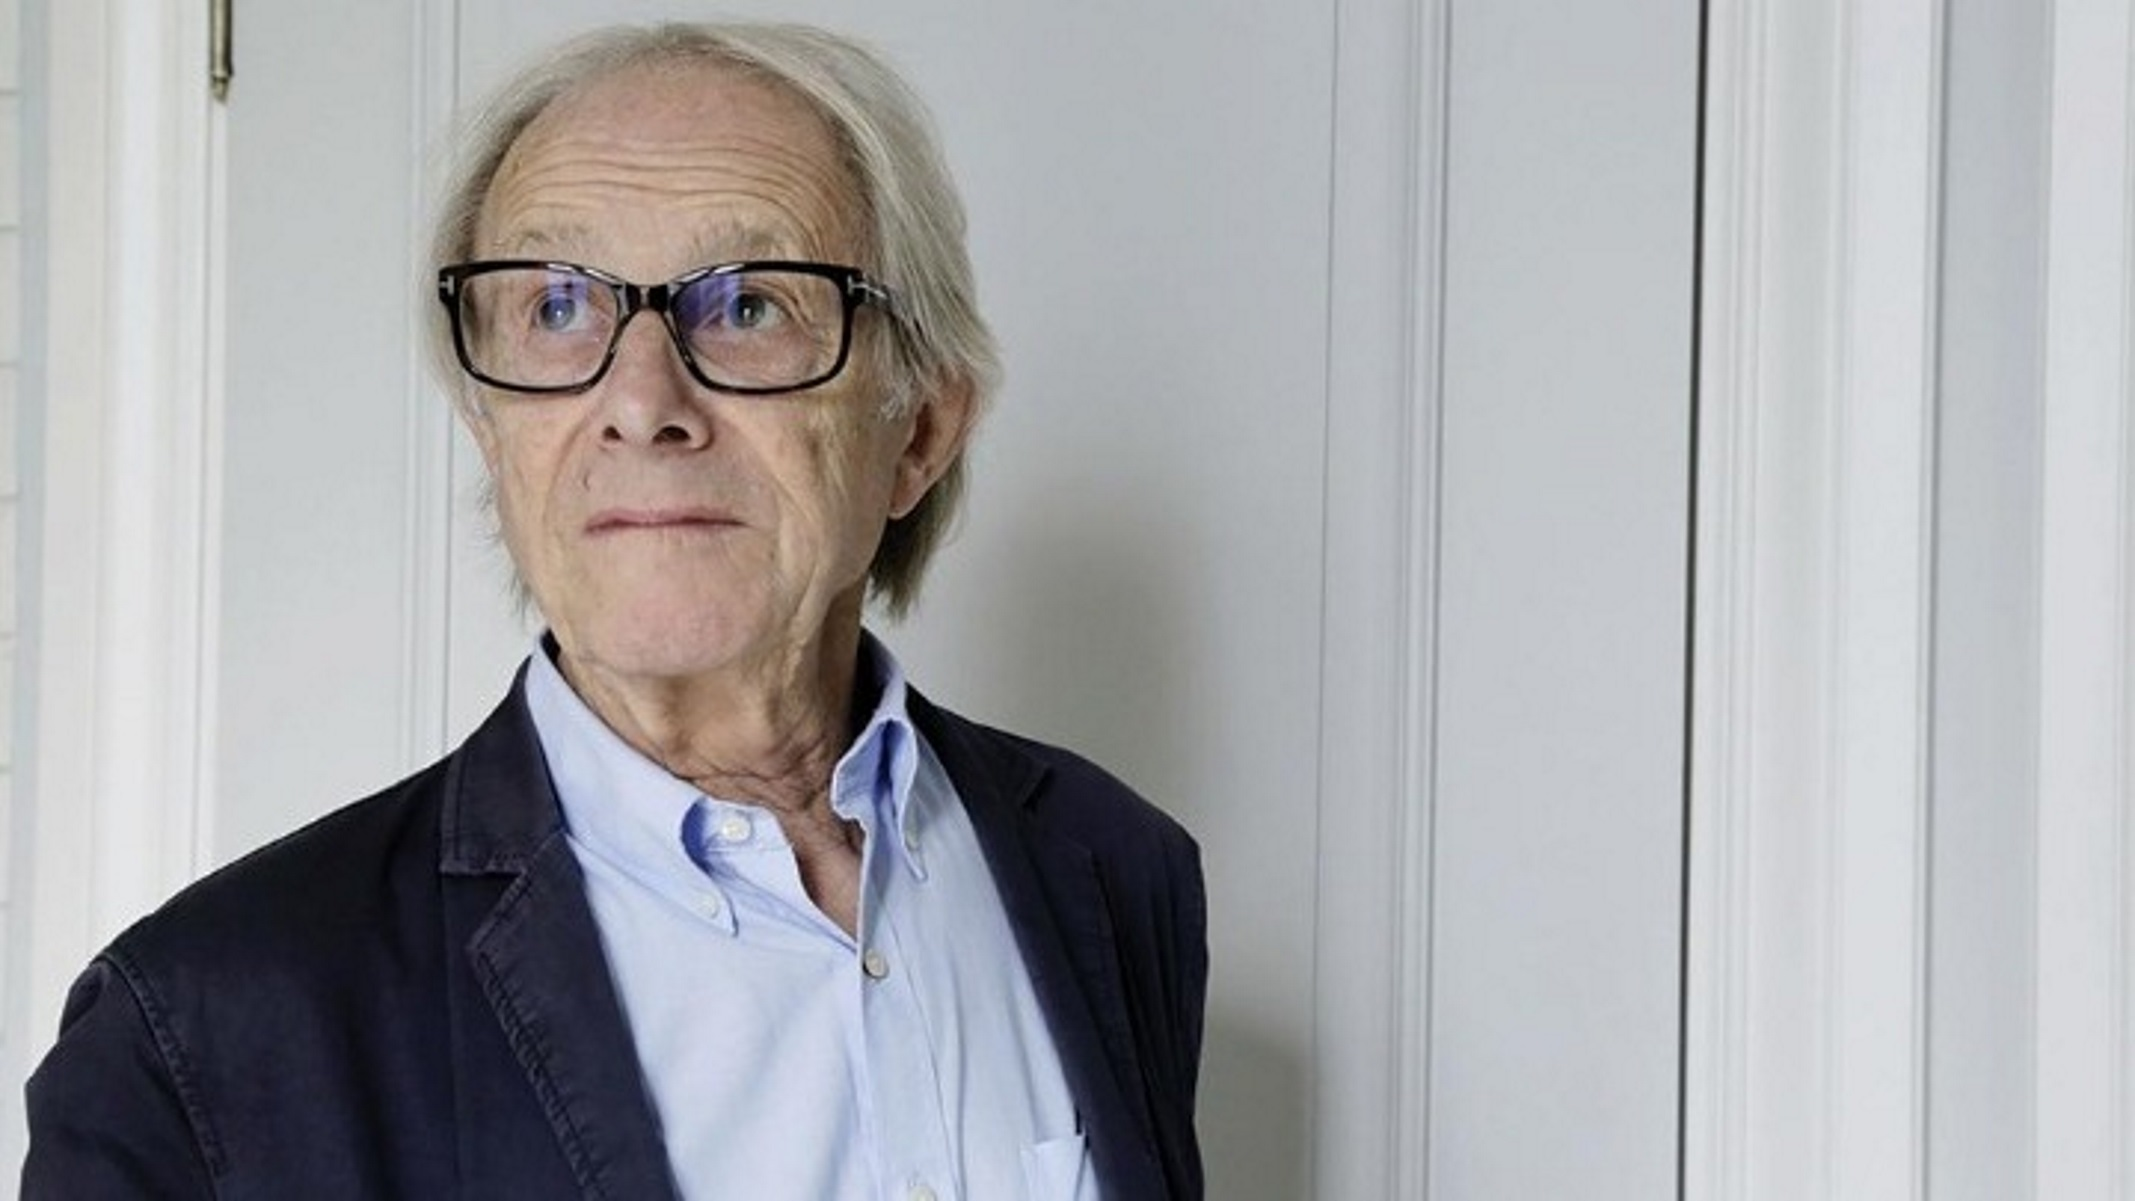 Κεν Λόουτς: Το Εργατικό κόμμα Βρετανίας διέγραψε τον διάσημο σκηνοθέτη